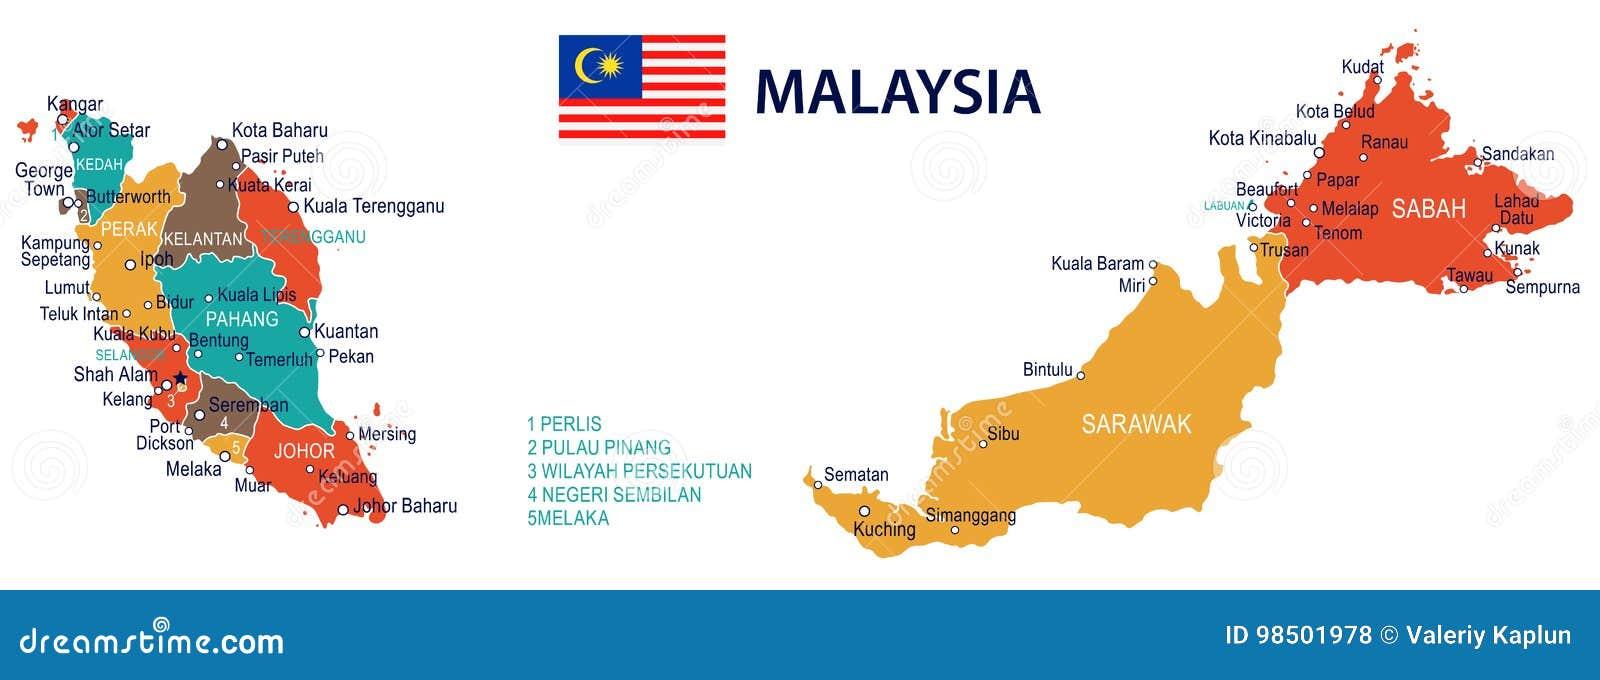 Malasia Mapa Y Bandera Ejemplo Stock De Ilustracion